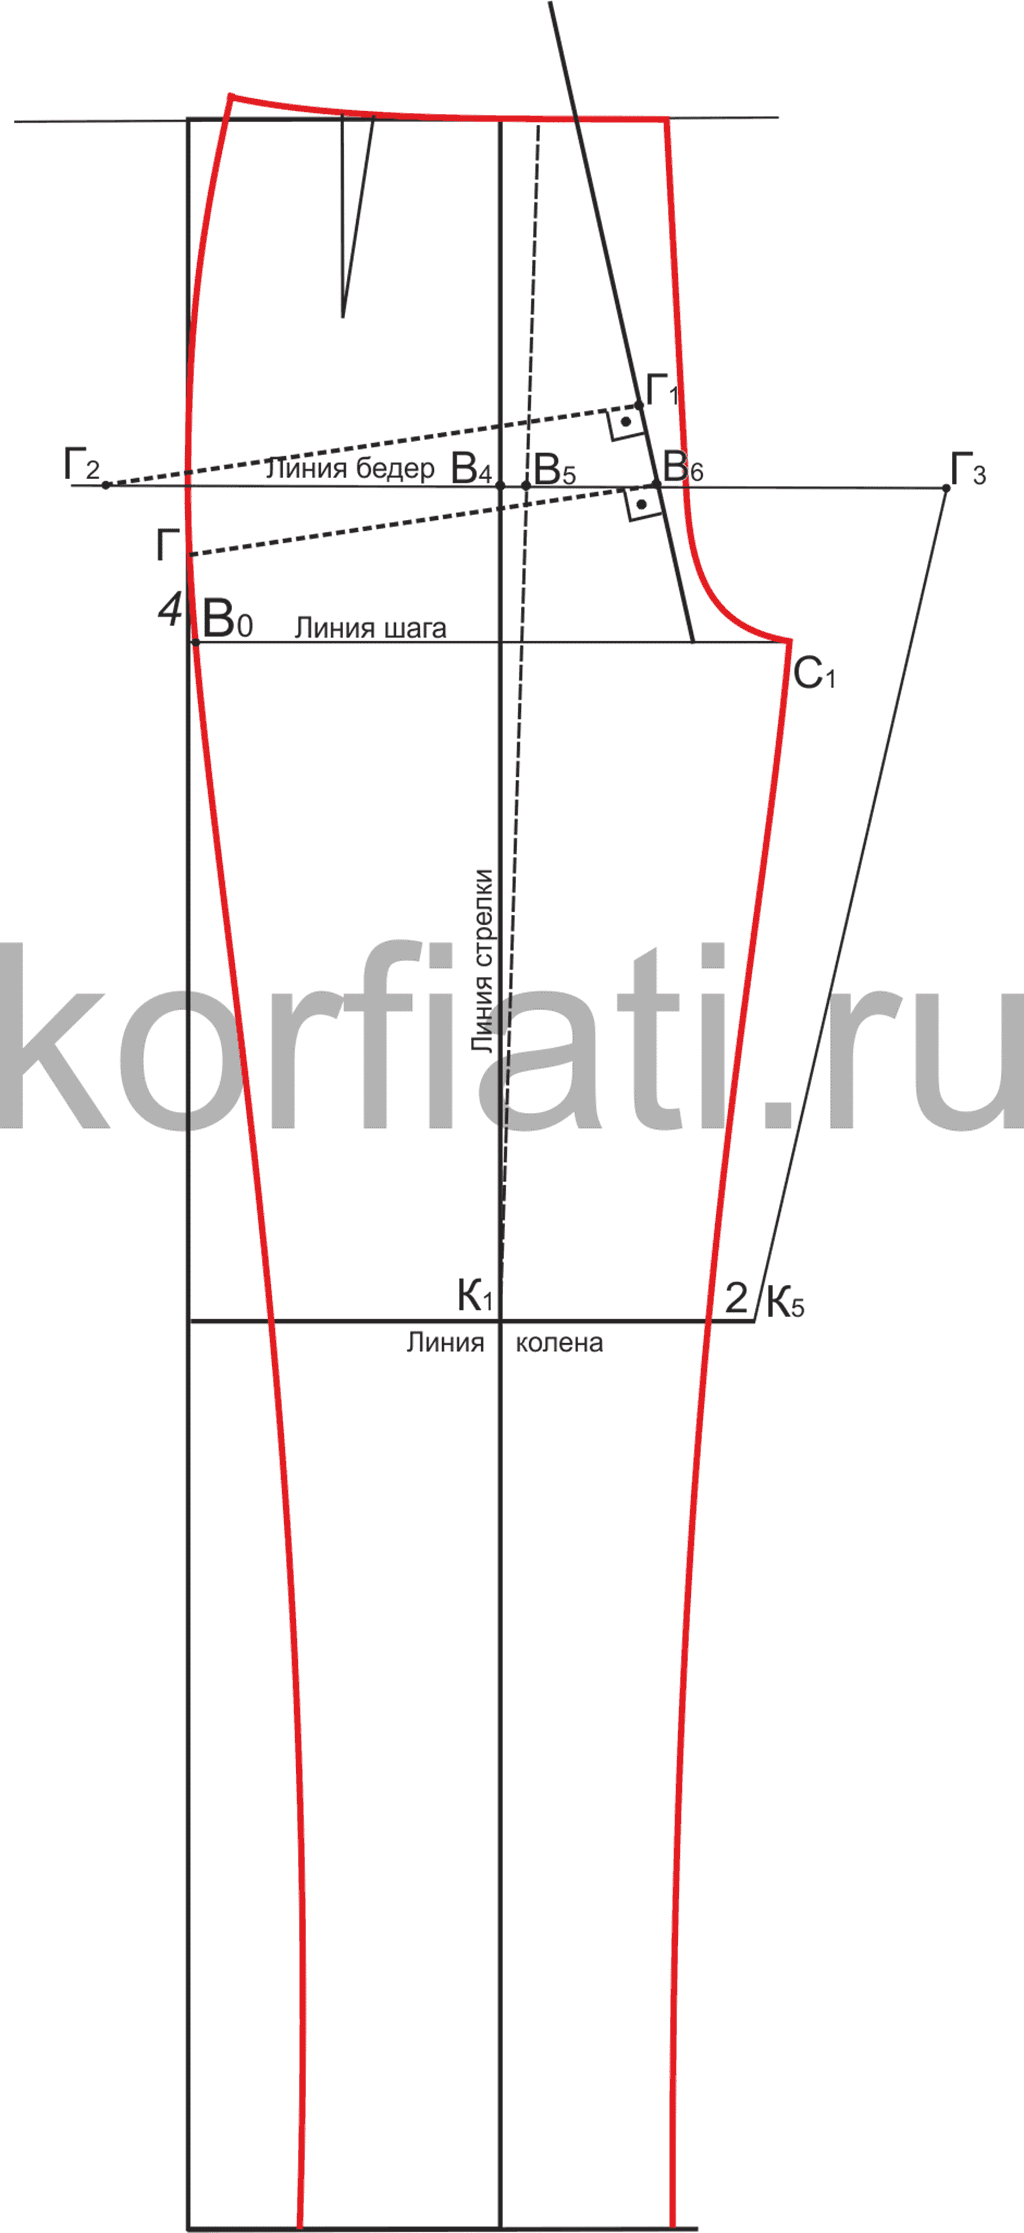 построение выкройки пиджака пошаговая инструкция